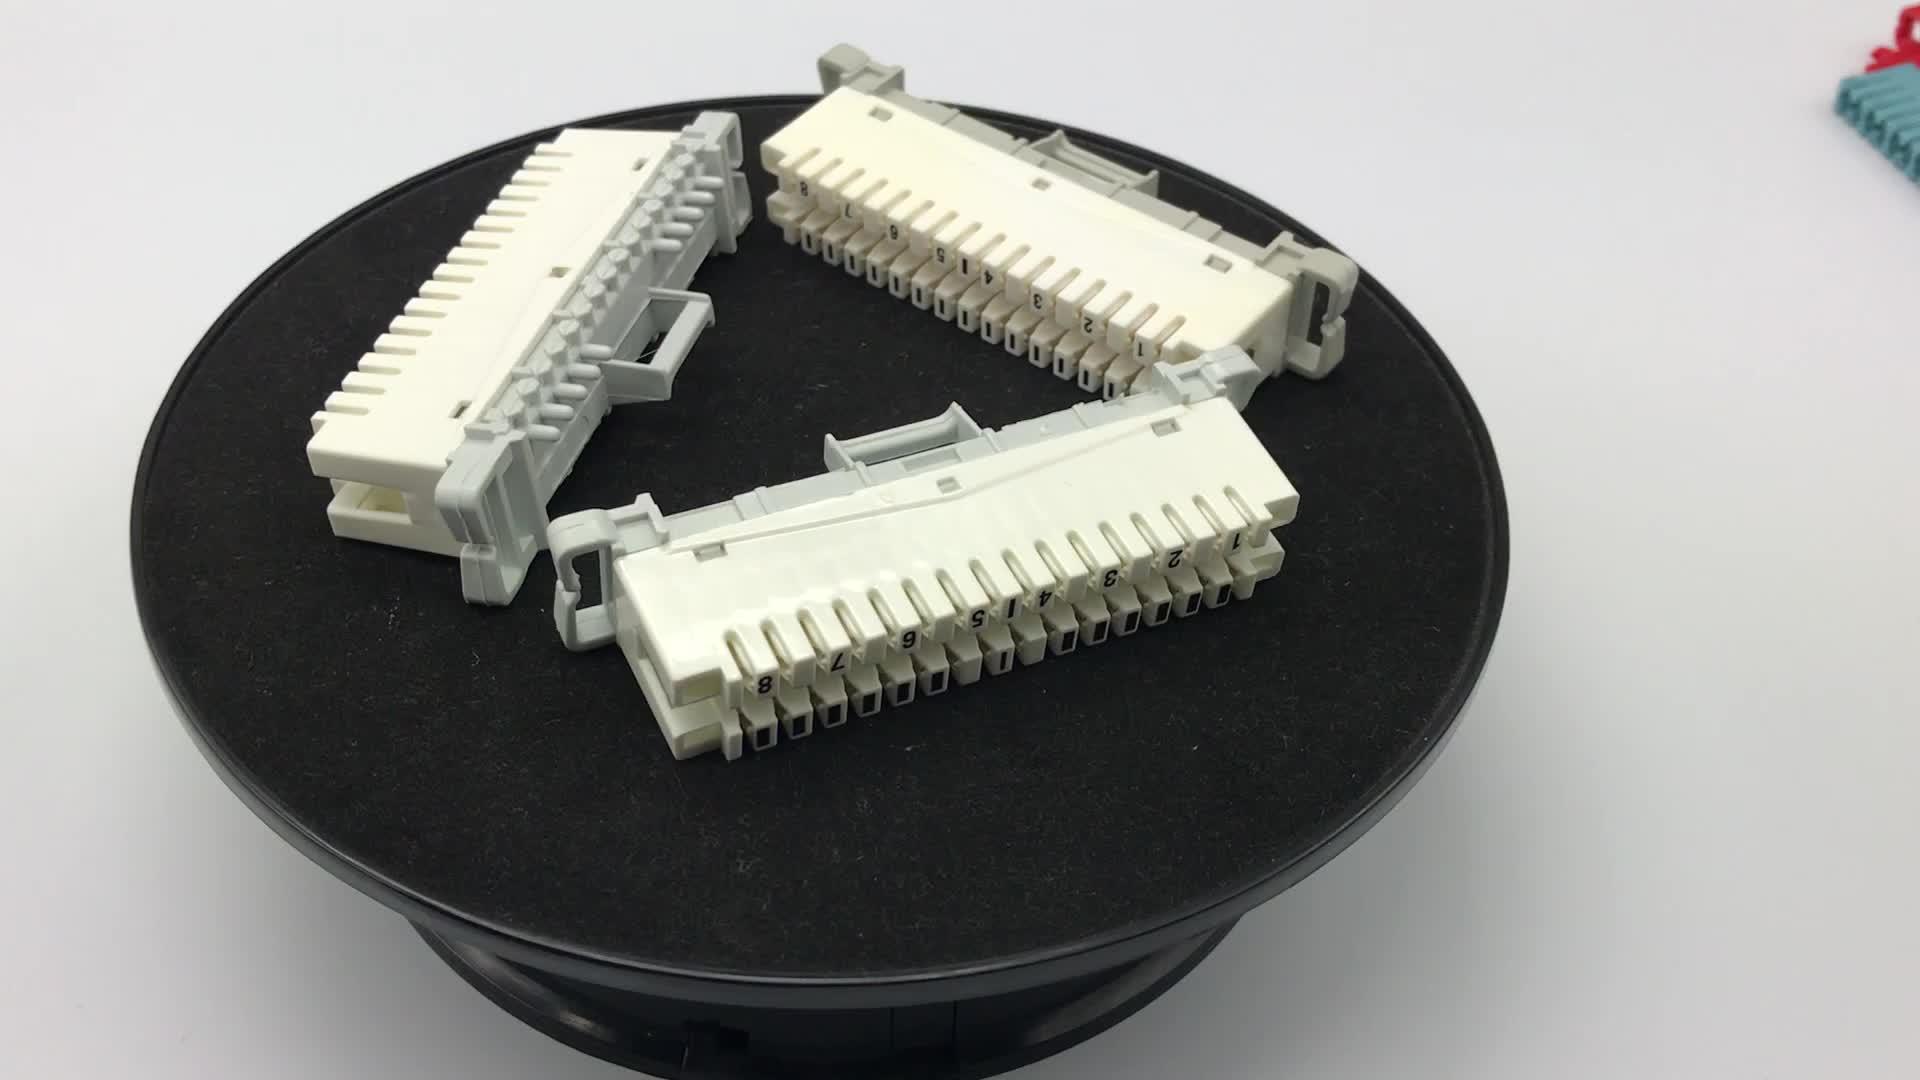 8 जोड़ी एलएसए क्रोन प्रकार वियोग मॉड्यूल